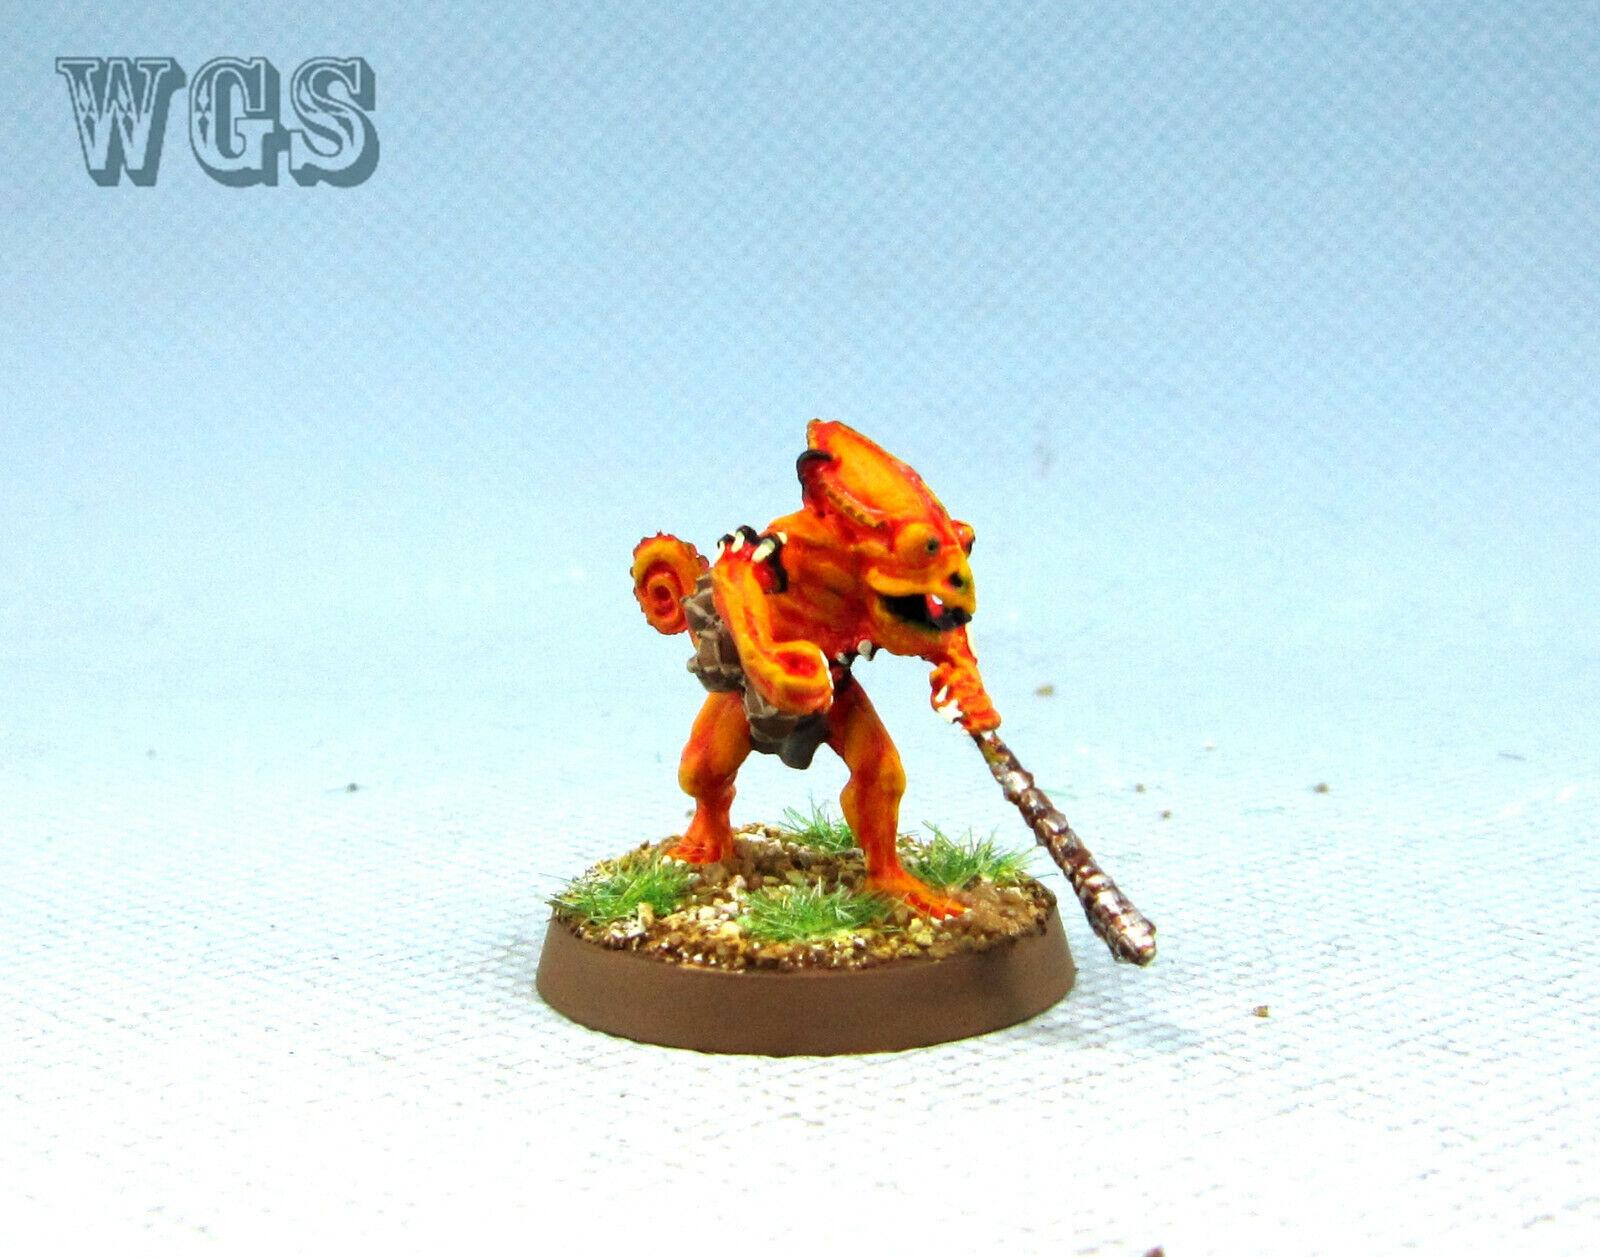 25mm Warhammer WGS Painted Lizardmen Lizardmen Classic Oxyotl LZ026